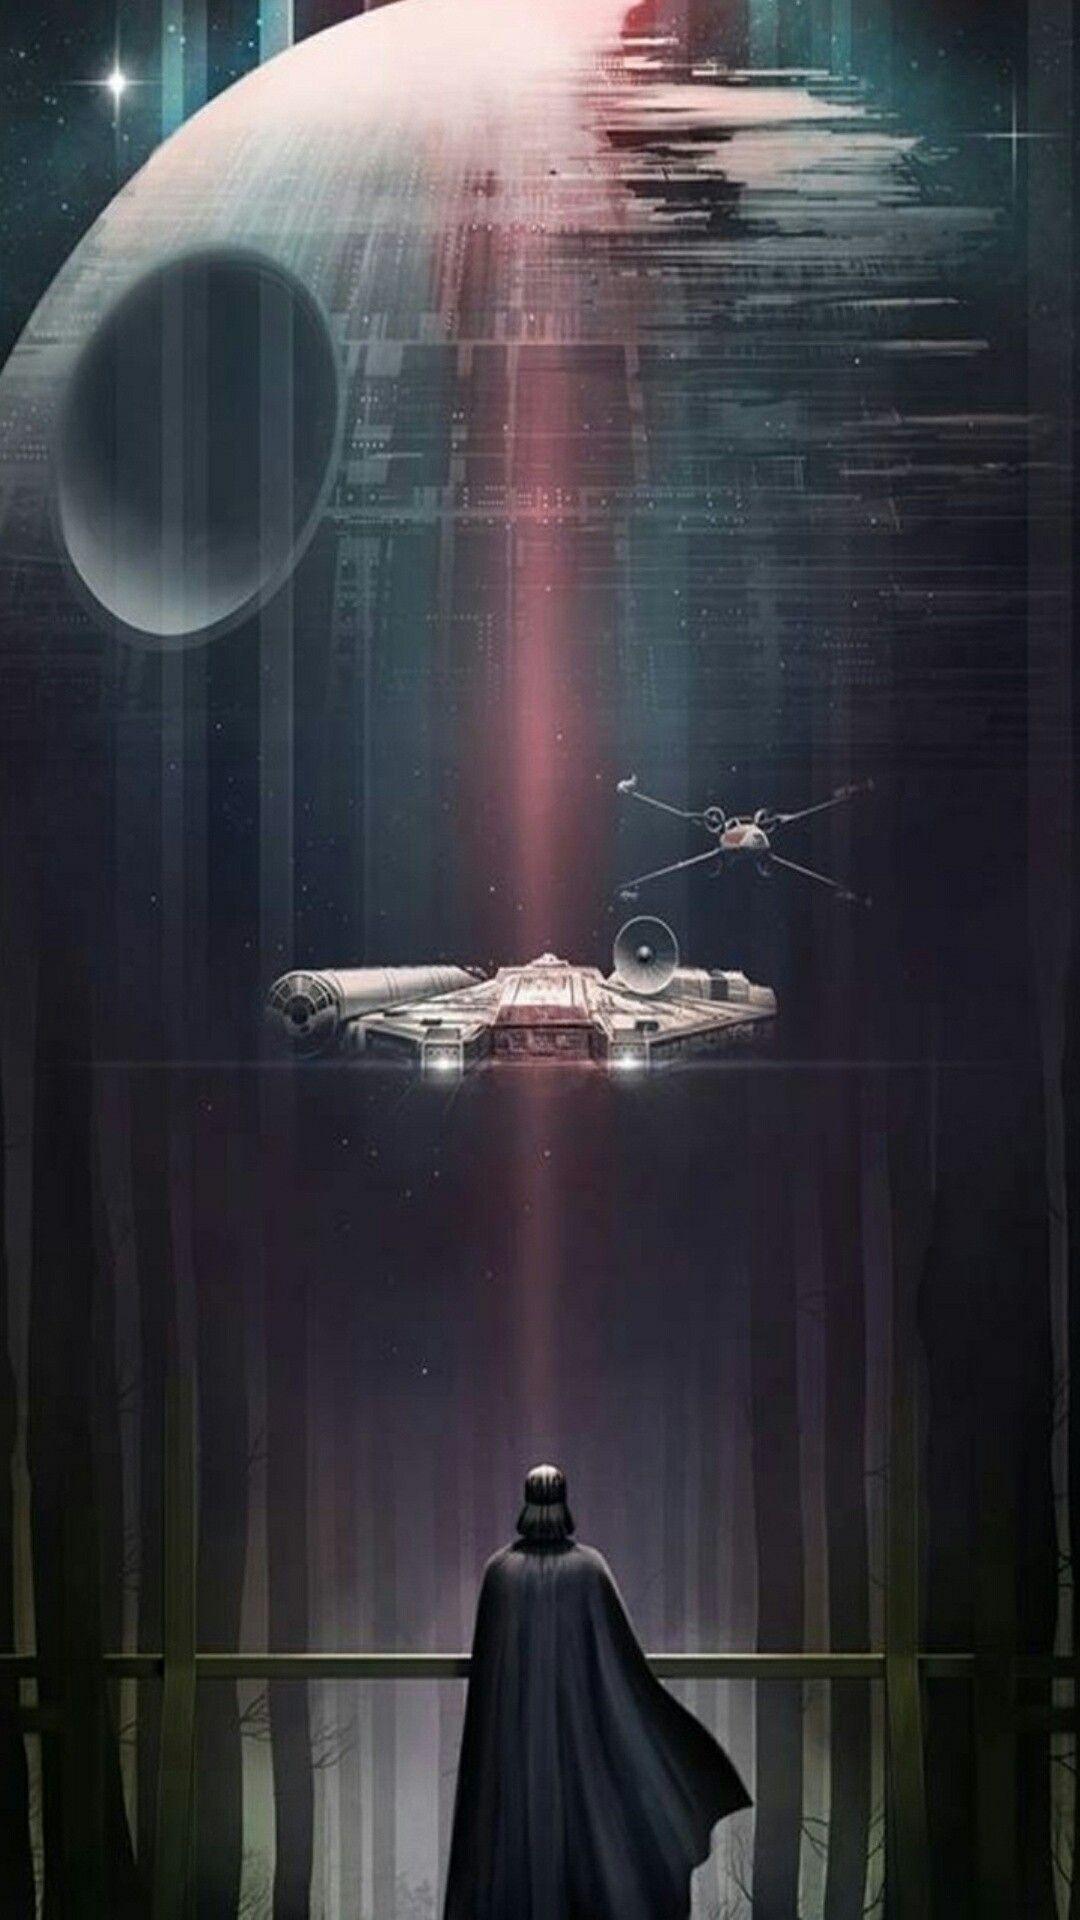 Star Wars Wallpaper Àースベイダー ¹ターウォーズアート ¹ターウォーズのポスター